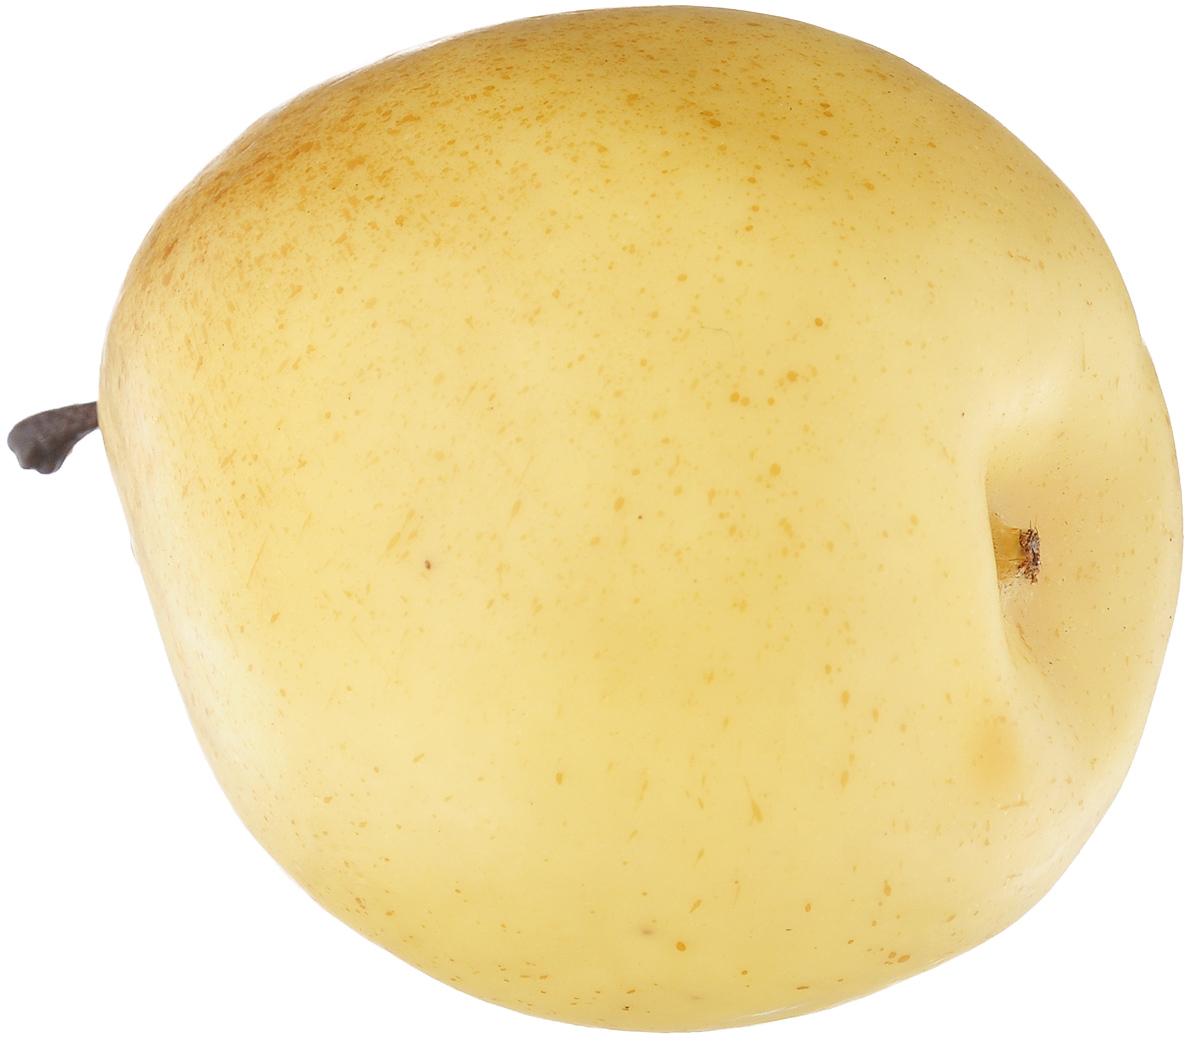 Муляж Груша, цвет: желтый, 9,5 см54 009318Муляж Груша изготовлен из полиуретана, окрашен в естественные цвета. Предназначен для украшения интерьера дома.Высота муляжа: 9,5 см.